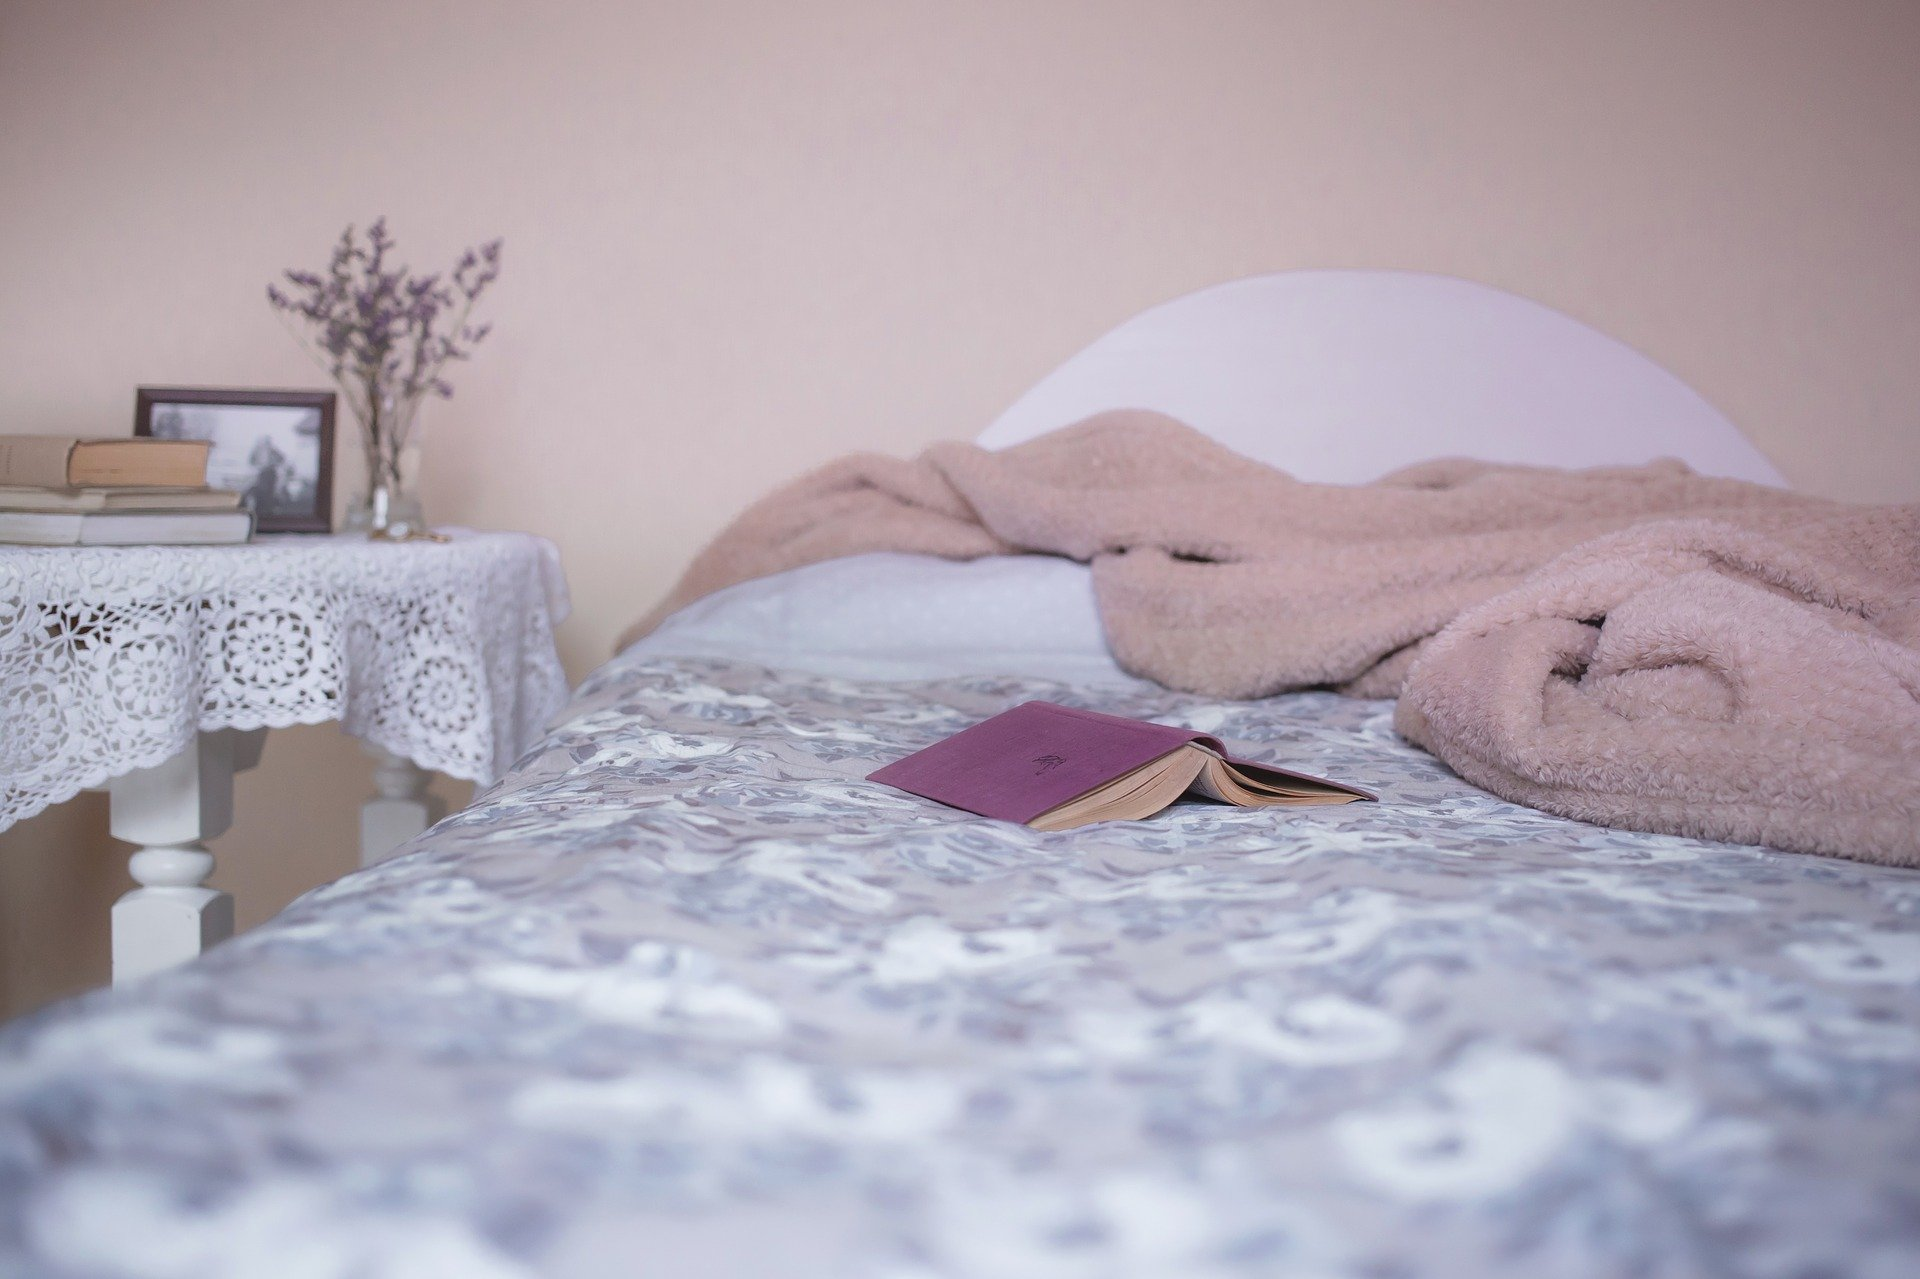 Короткий сон связан с повышенным риском развития деменции.